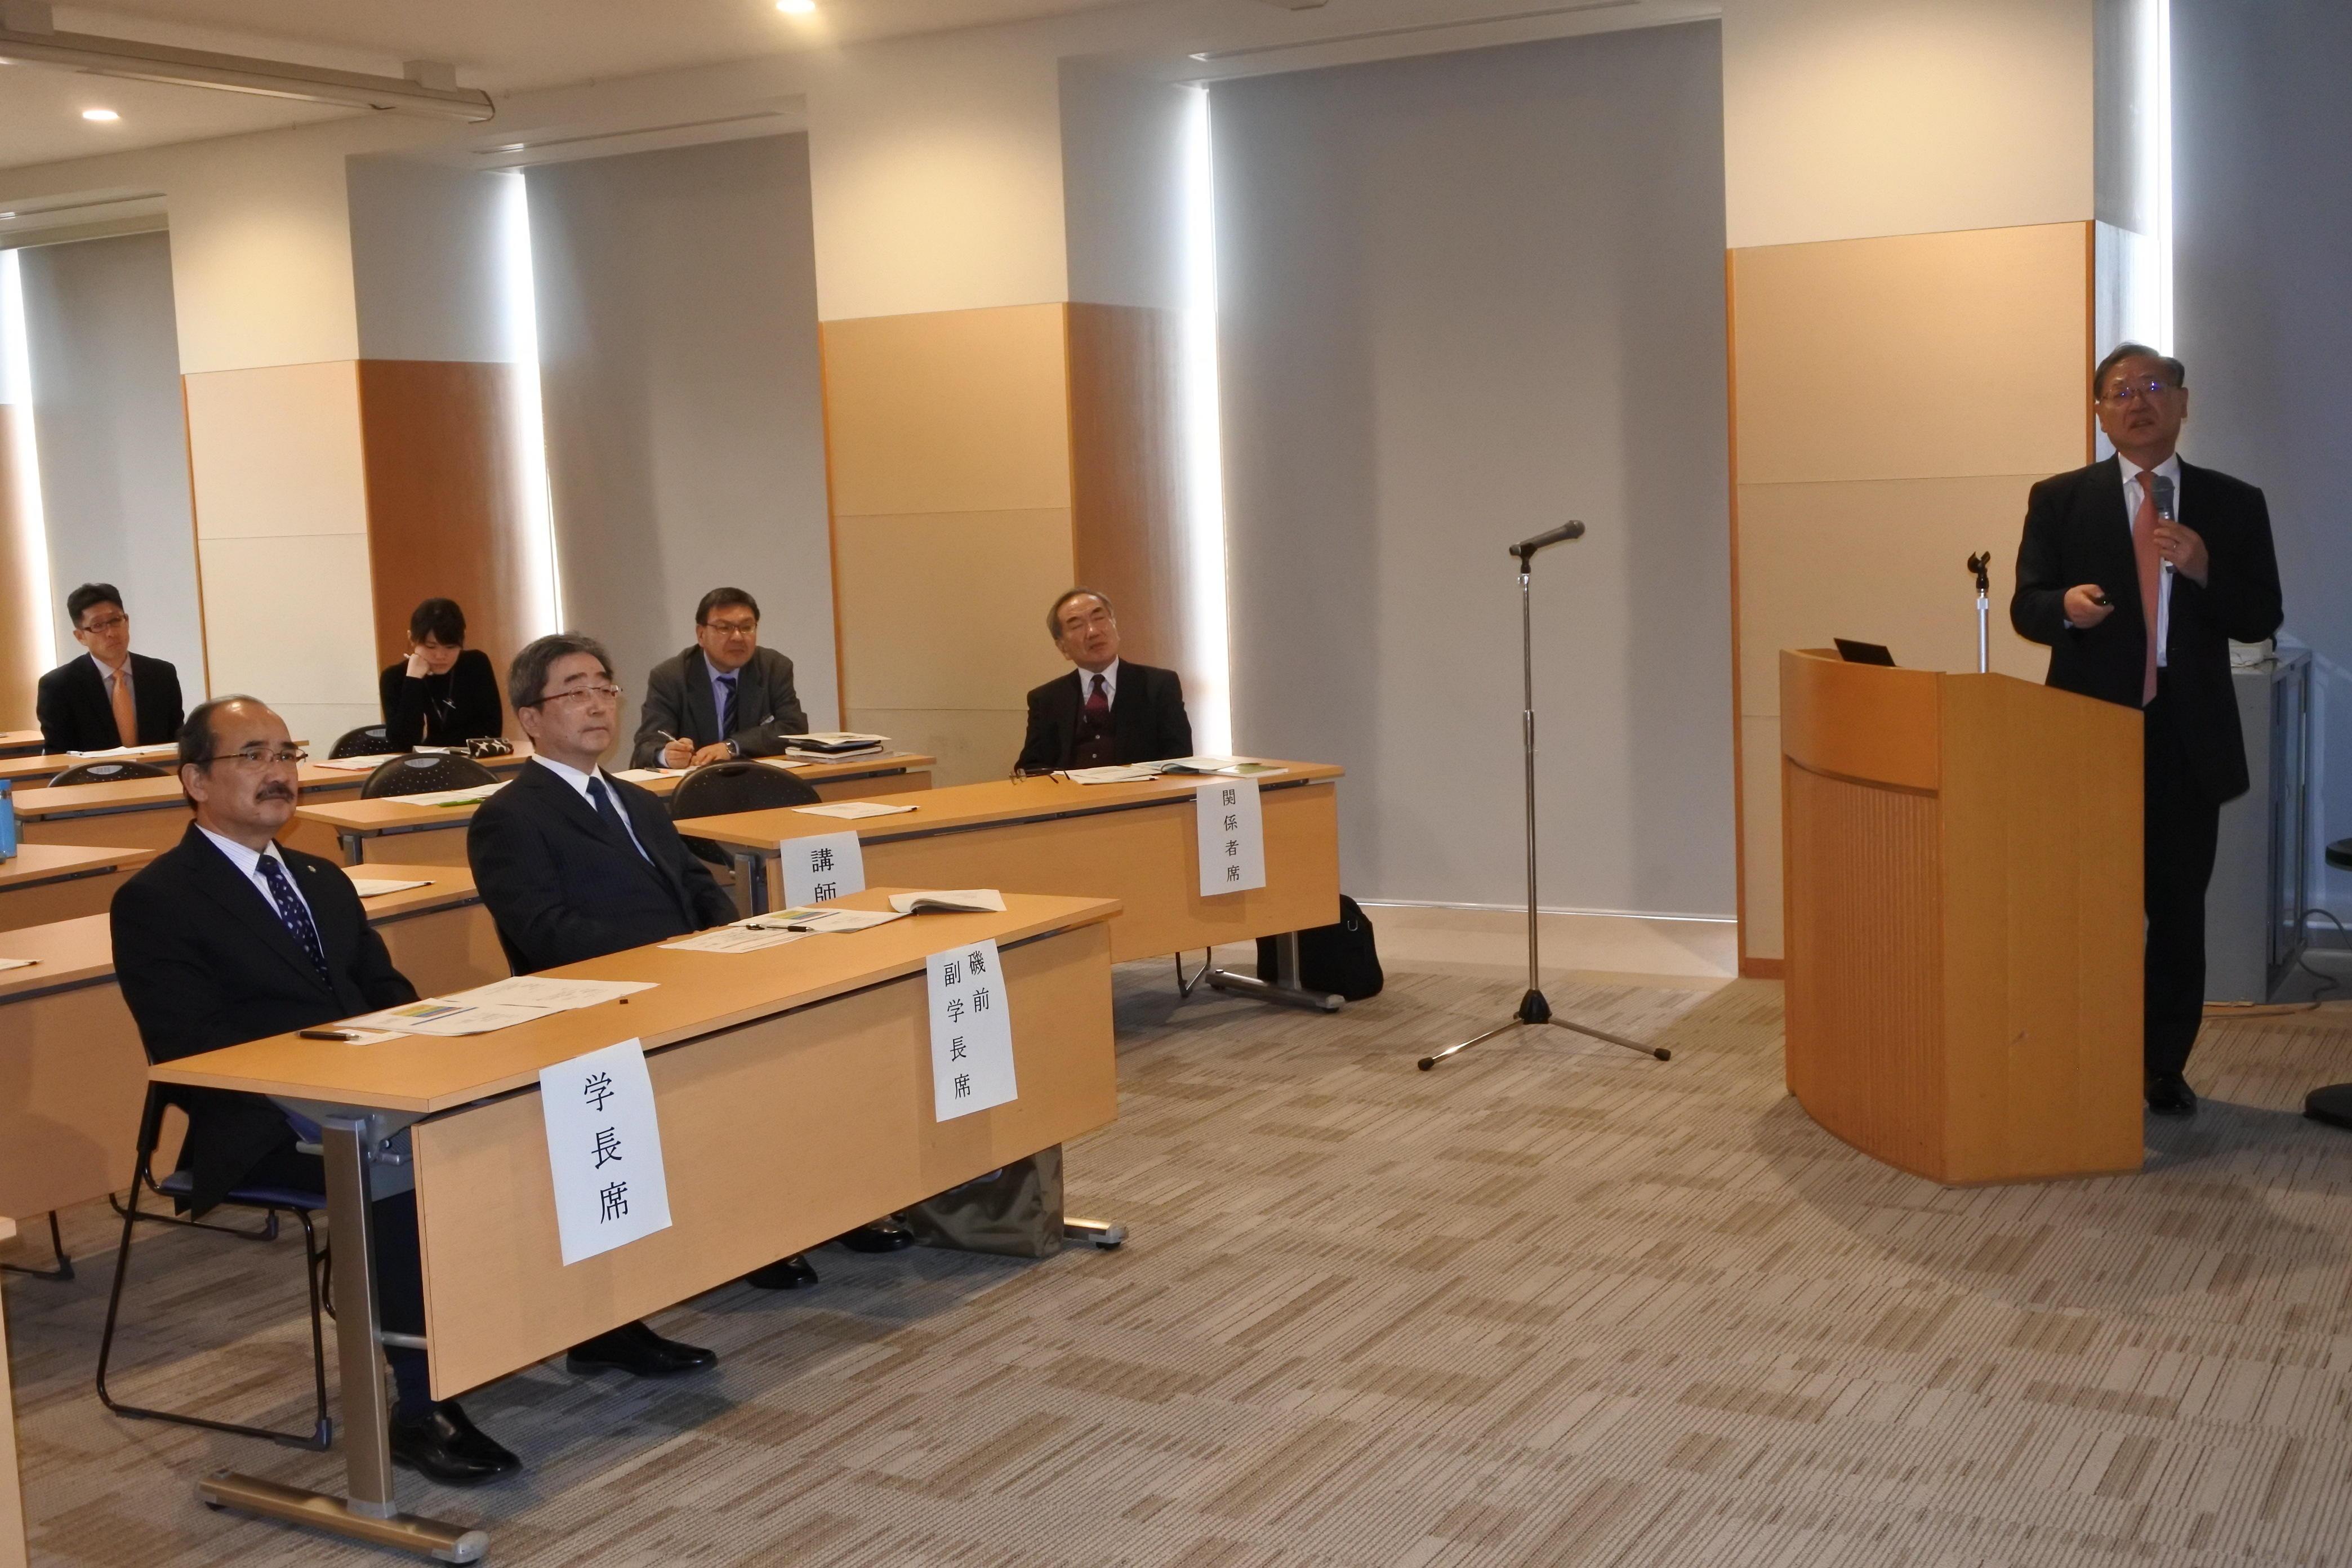 時宜にかなった講演に聞き入る吉久光一学長(最前列左)ら